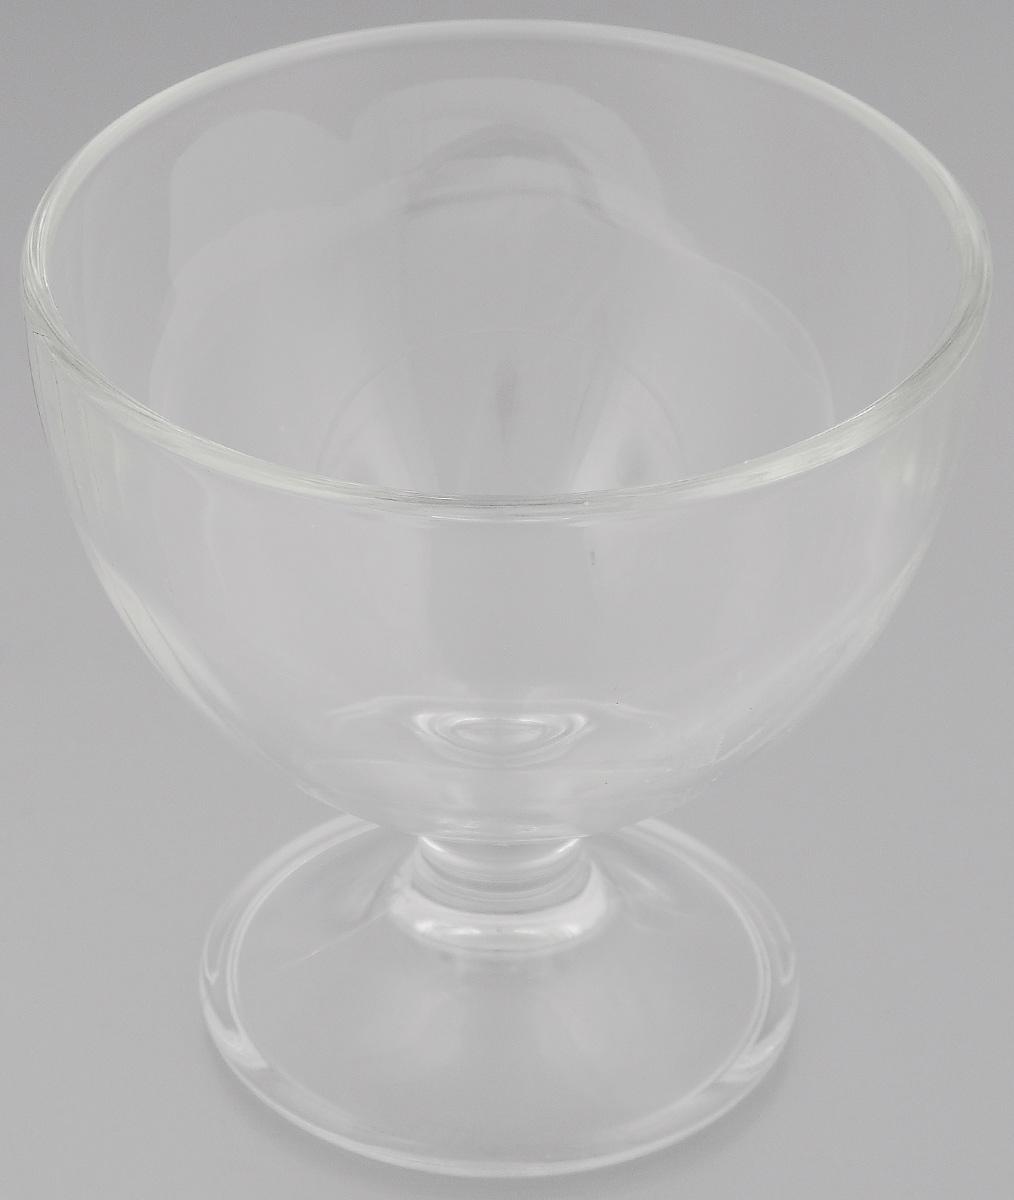 Креманка OSZ Мальва, цвет: прозрачный, диаметр 10 см12С1571/0Креманка OSZ Мальва изготовлена из бесцветного стекла. Идеально подходит для сервировки стола. Креманка не только украсит ваш стол, но подчеркнет прекрасный вкус хозяйки. Диаметр креманки (по верхнему краю): 10 см. Диаметр основания: 7 см. Высота ножки: 2 см. Высота креманки: 10 см.